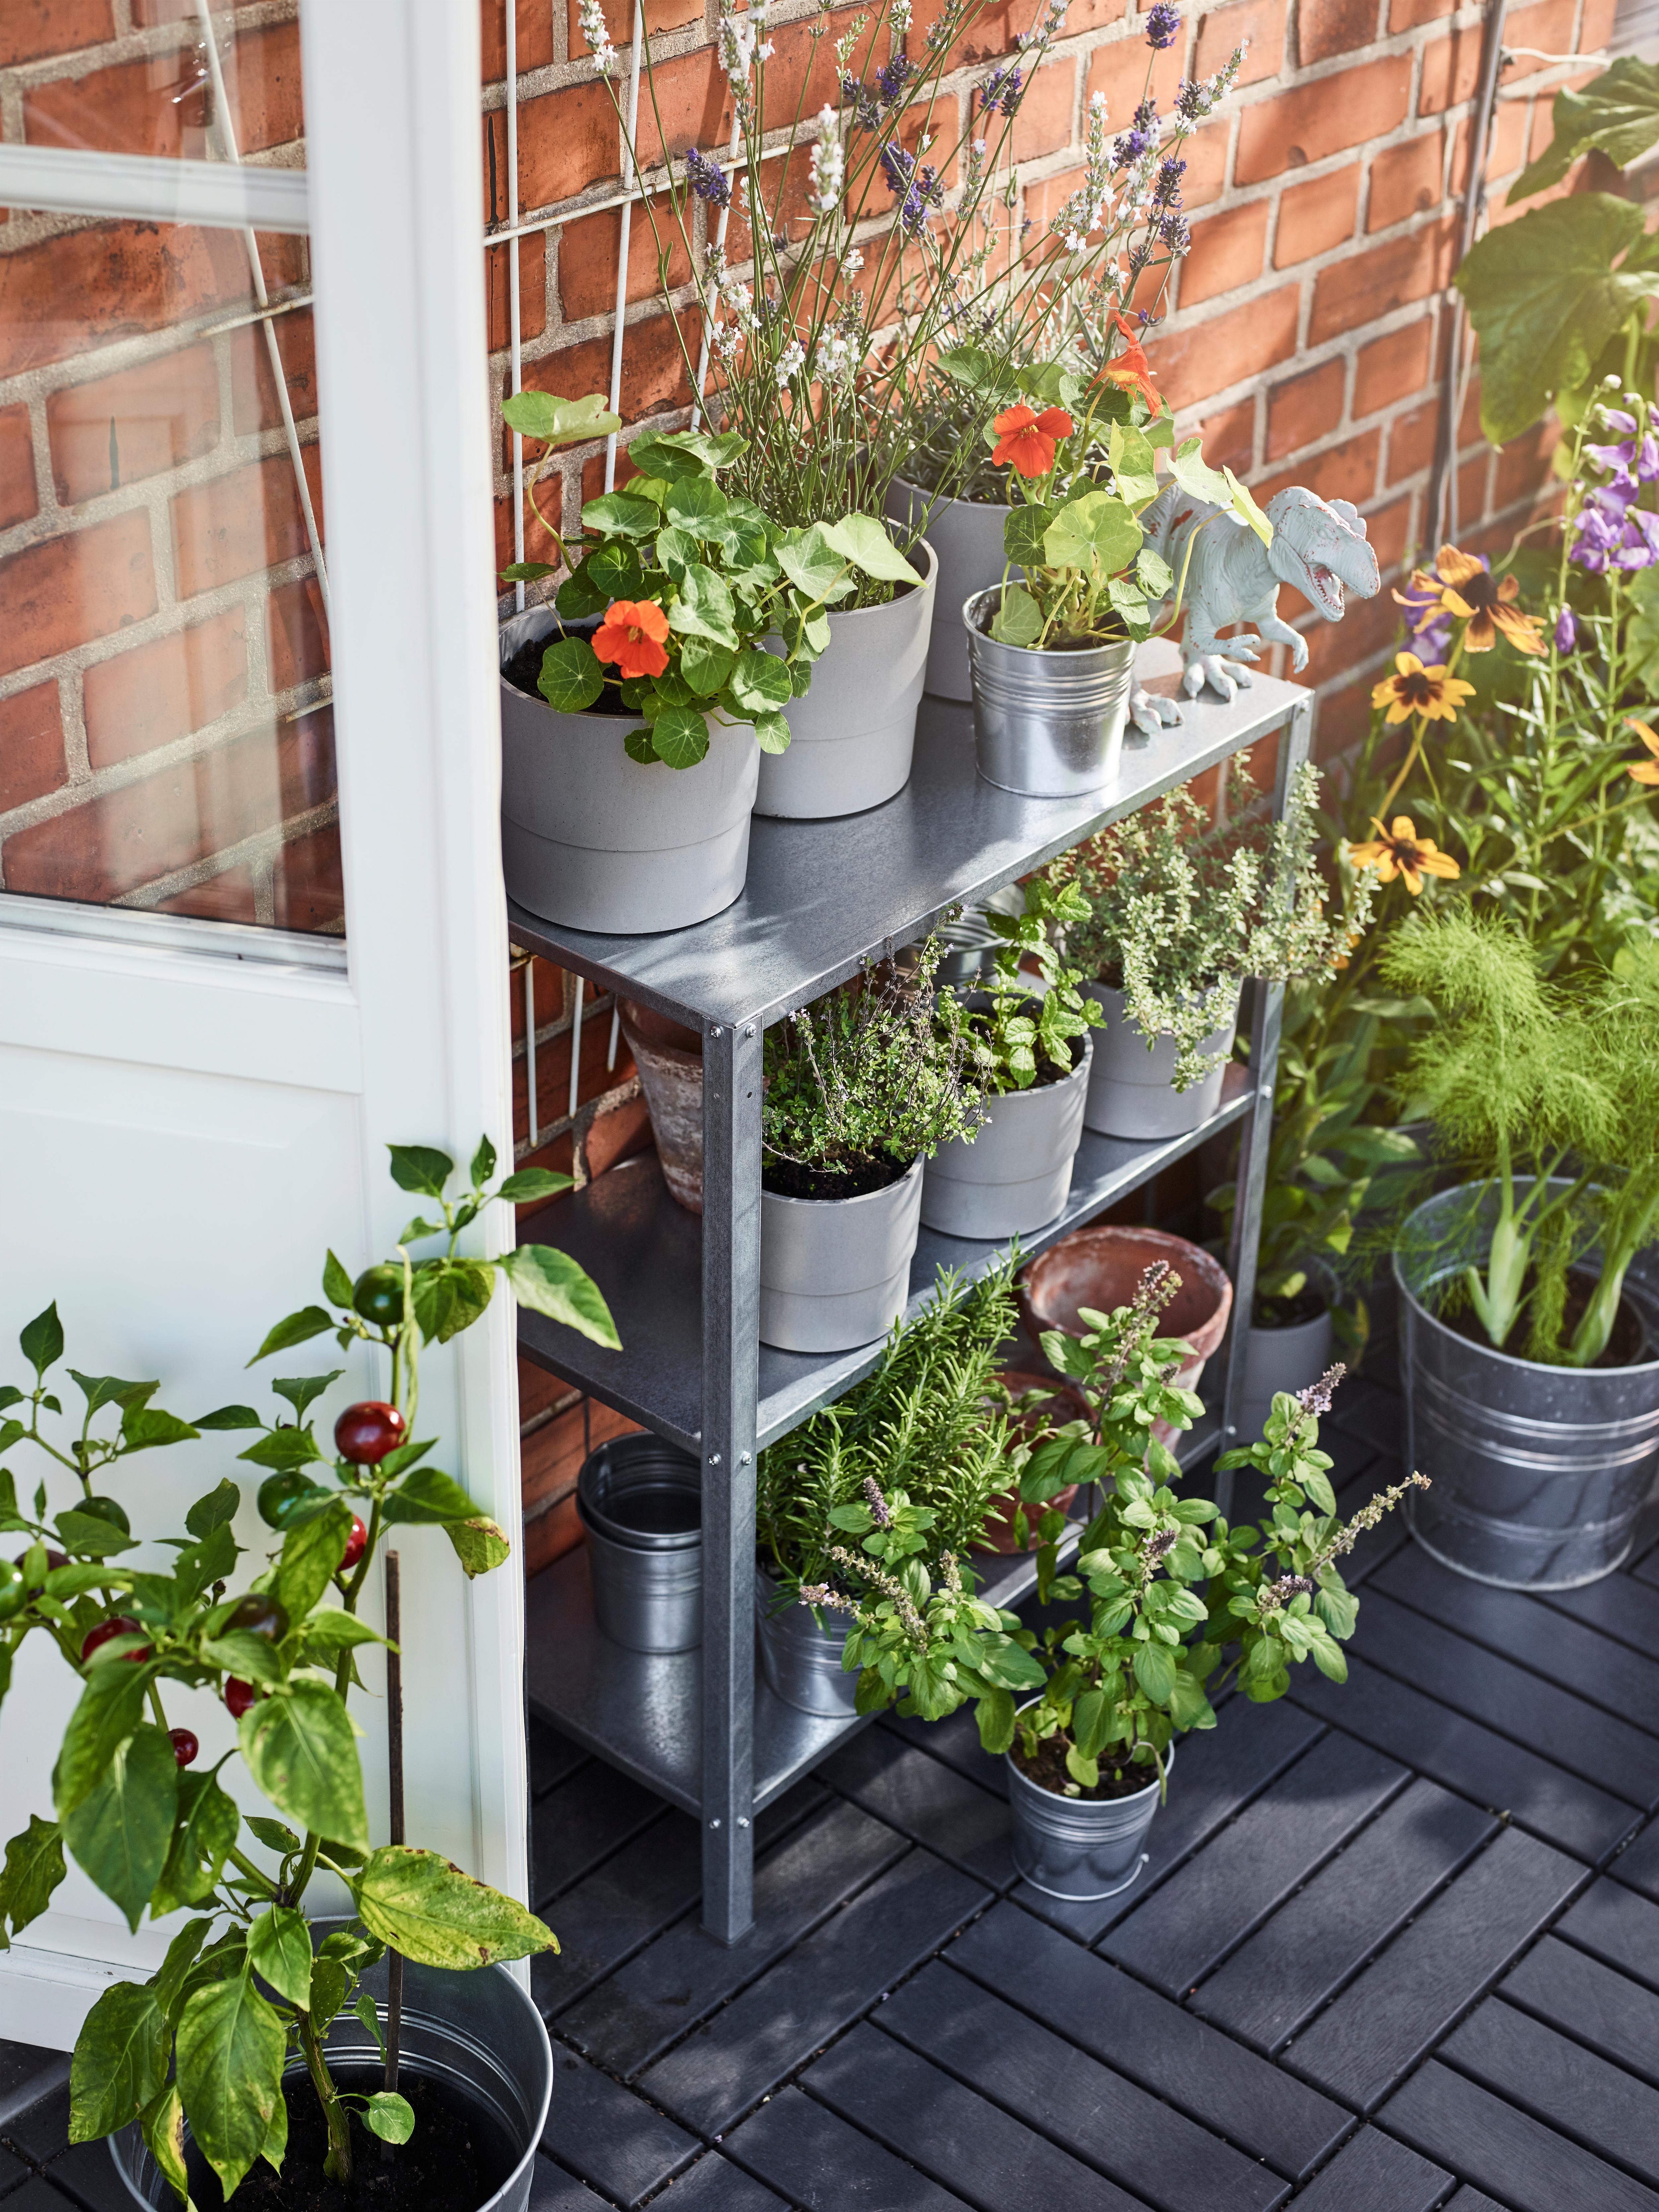 Une étagère intérieure/extérieure HYLLIS en acier accueille des plantes en pot à côté d'une porte de balcon, un mur de briques et des pots sur le sol.